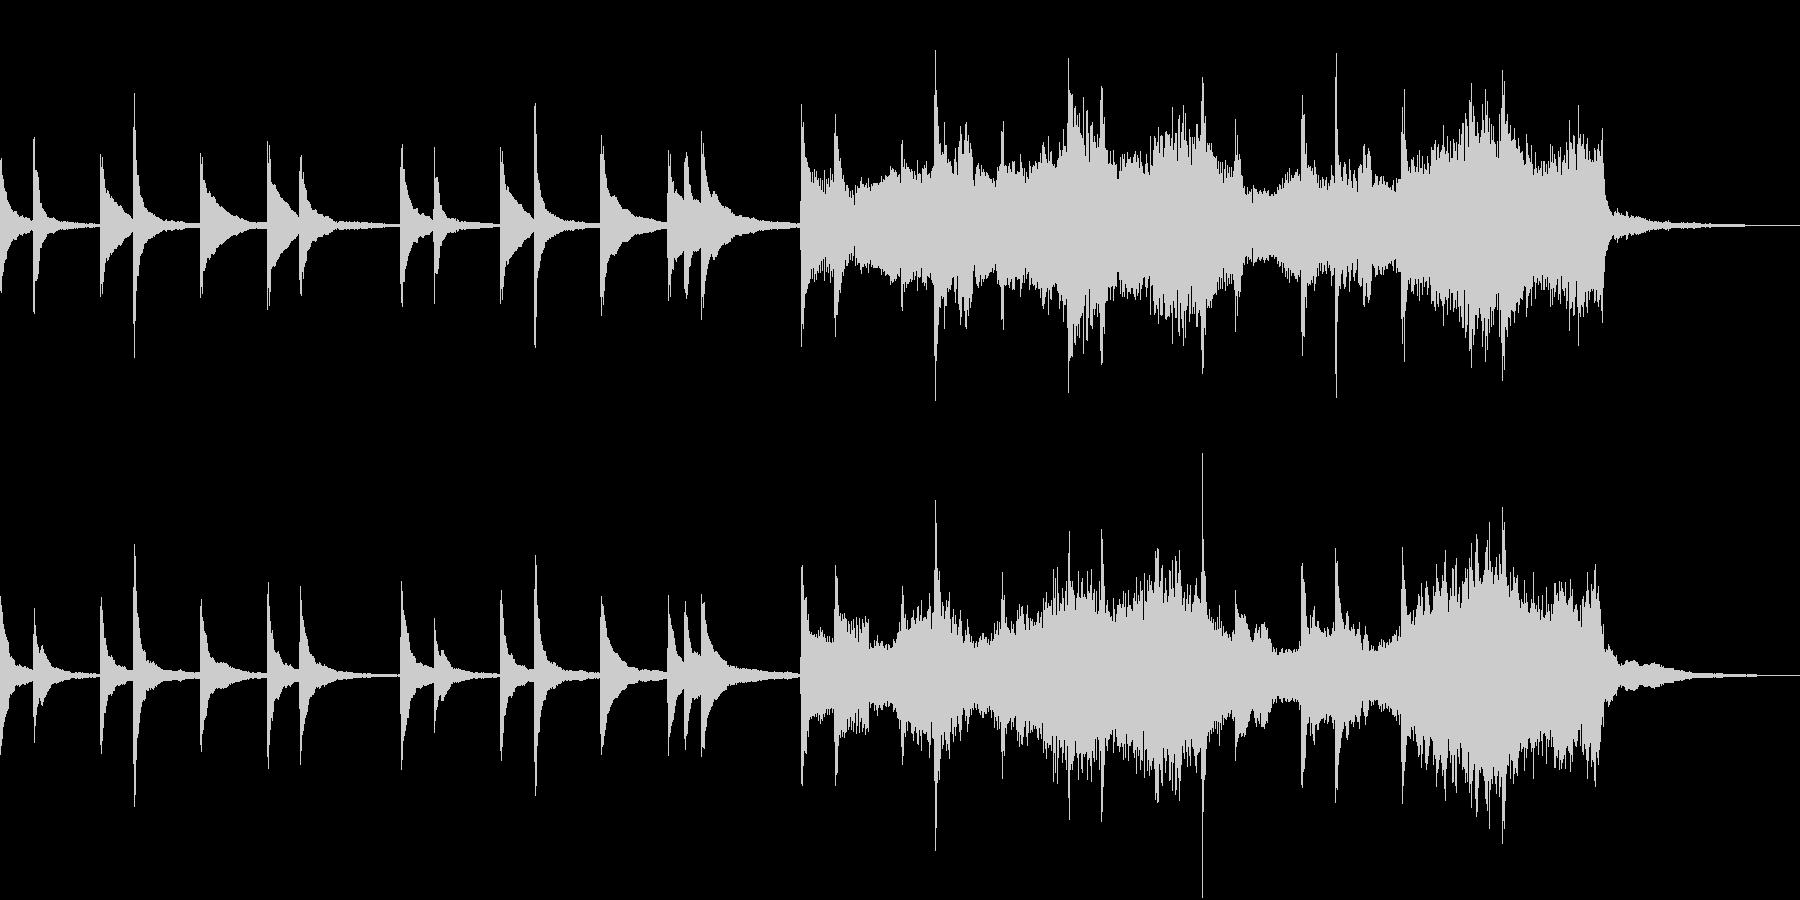 琴とストリングスのゆったりとした和BGMの未再生の波形